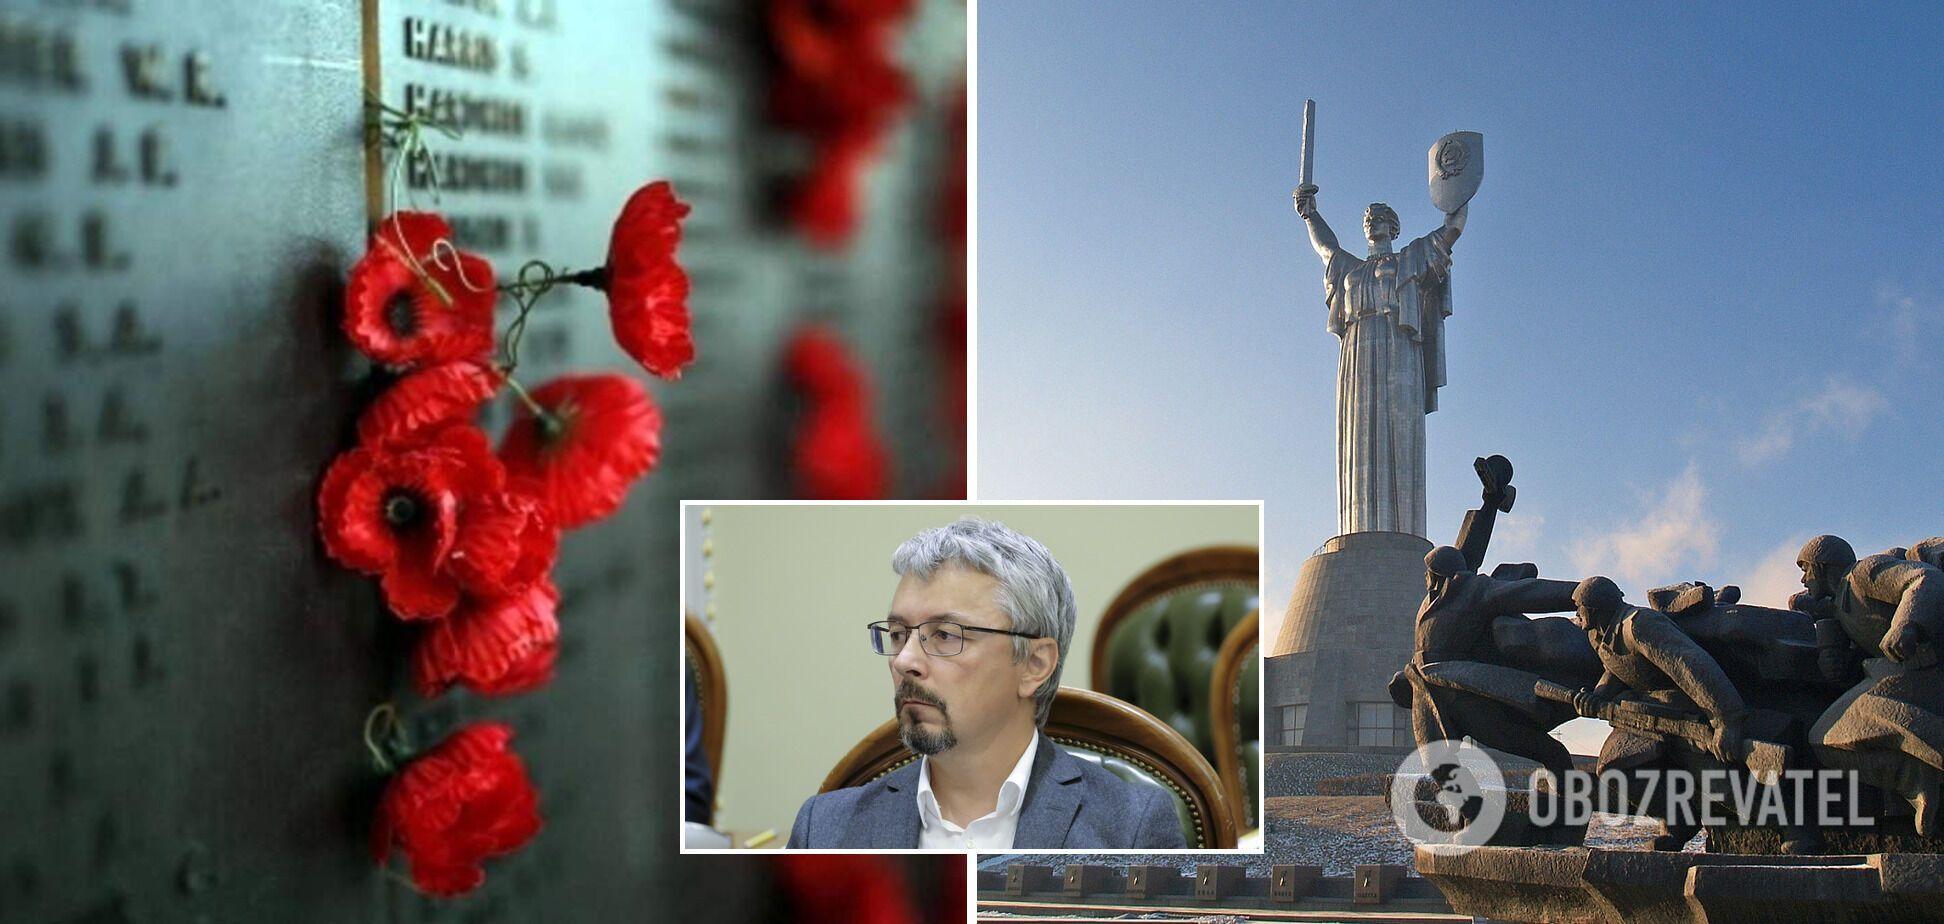 Минкульт без объяснений запретил Киеву проводить памятное мероприятие 9 мая – КГГА